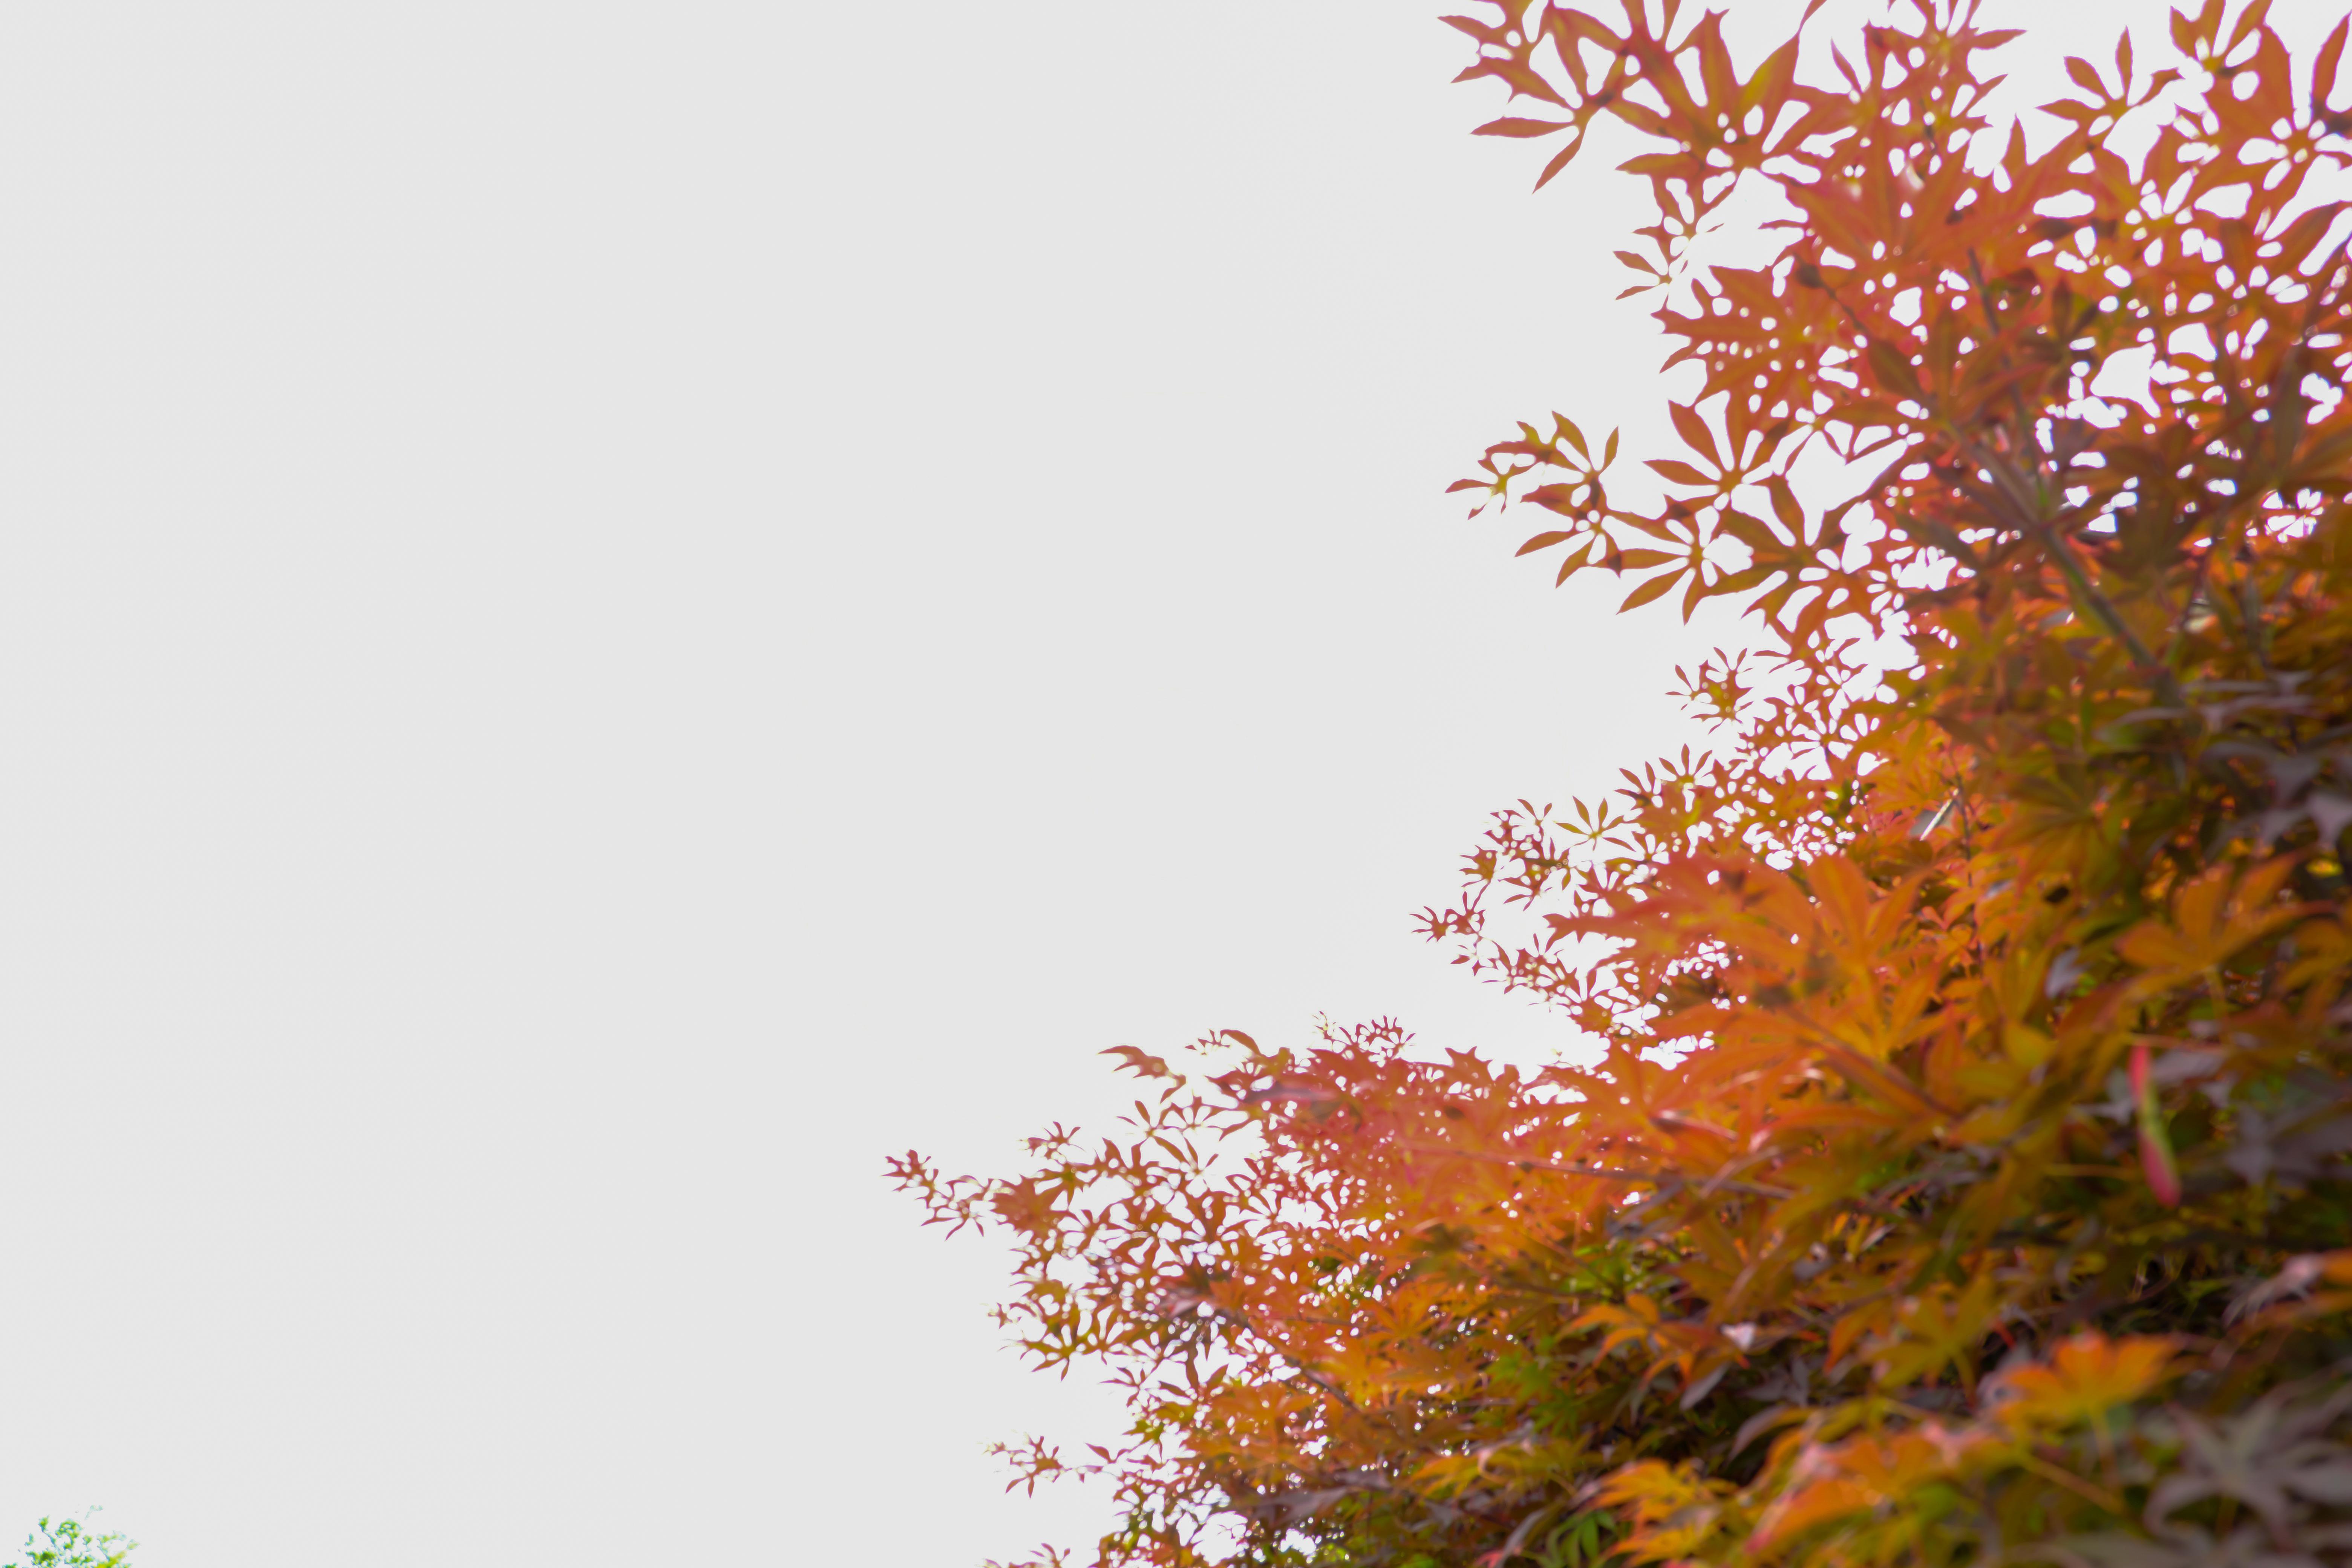 枫叶背景照片 - 免费商用图像